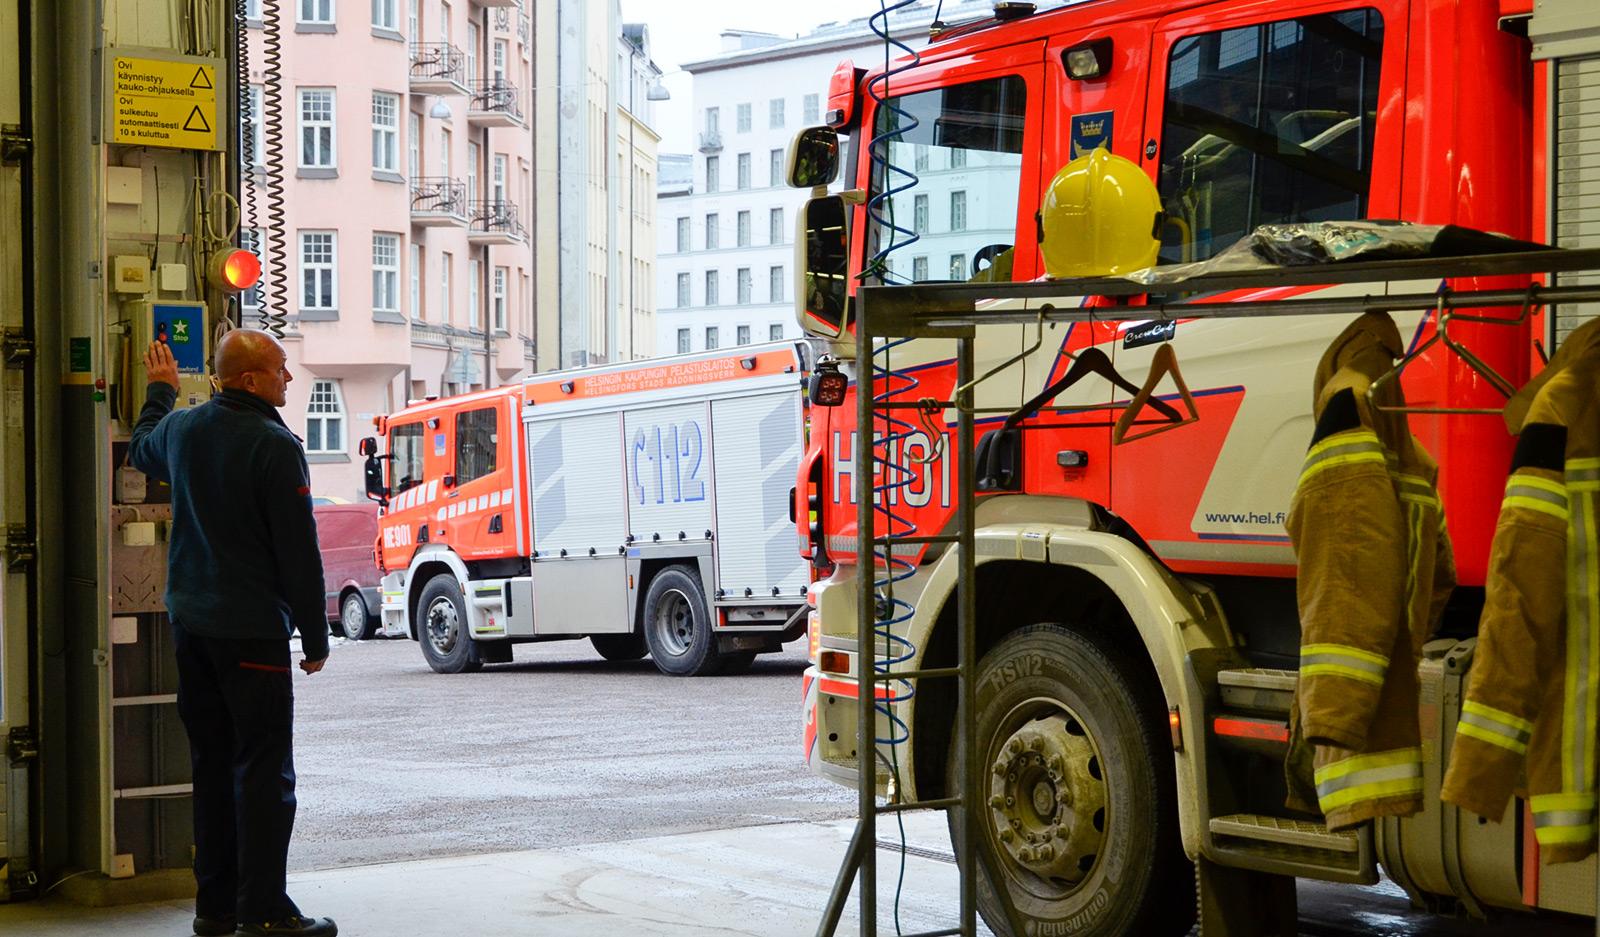 Helsingin palohenkilöstö ry. muisti jäseniään koronasatasella.